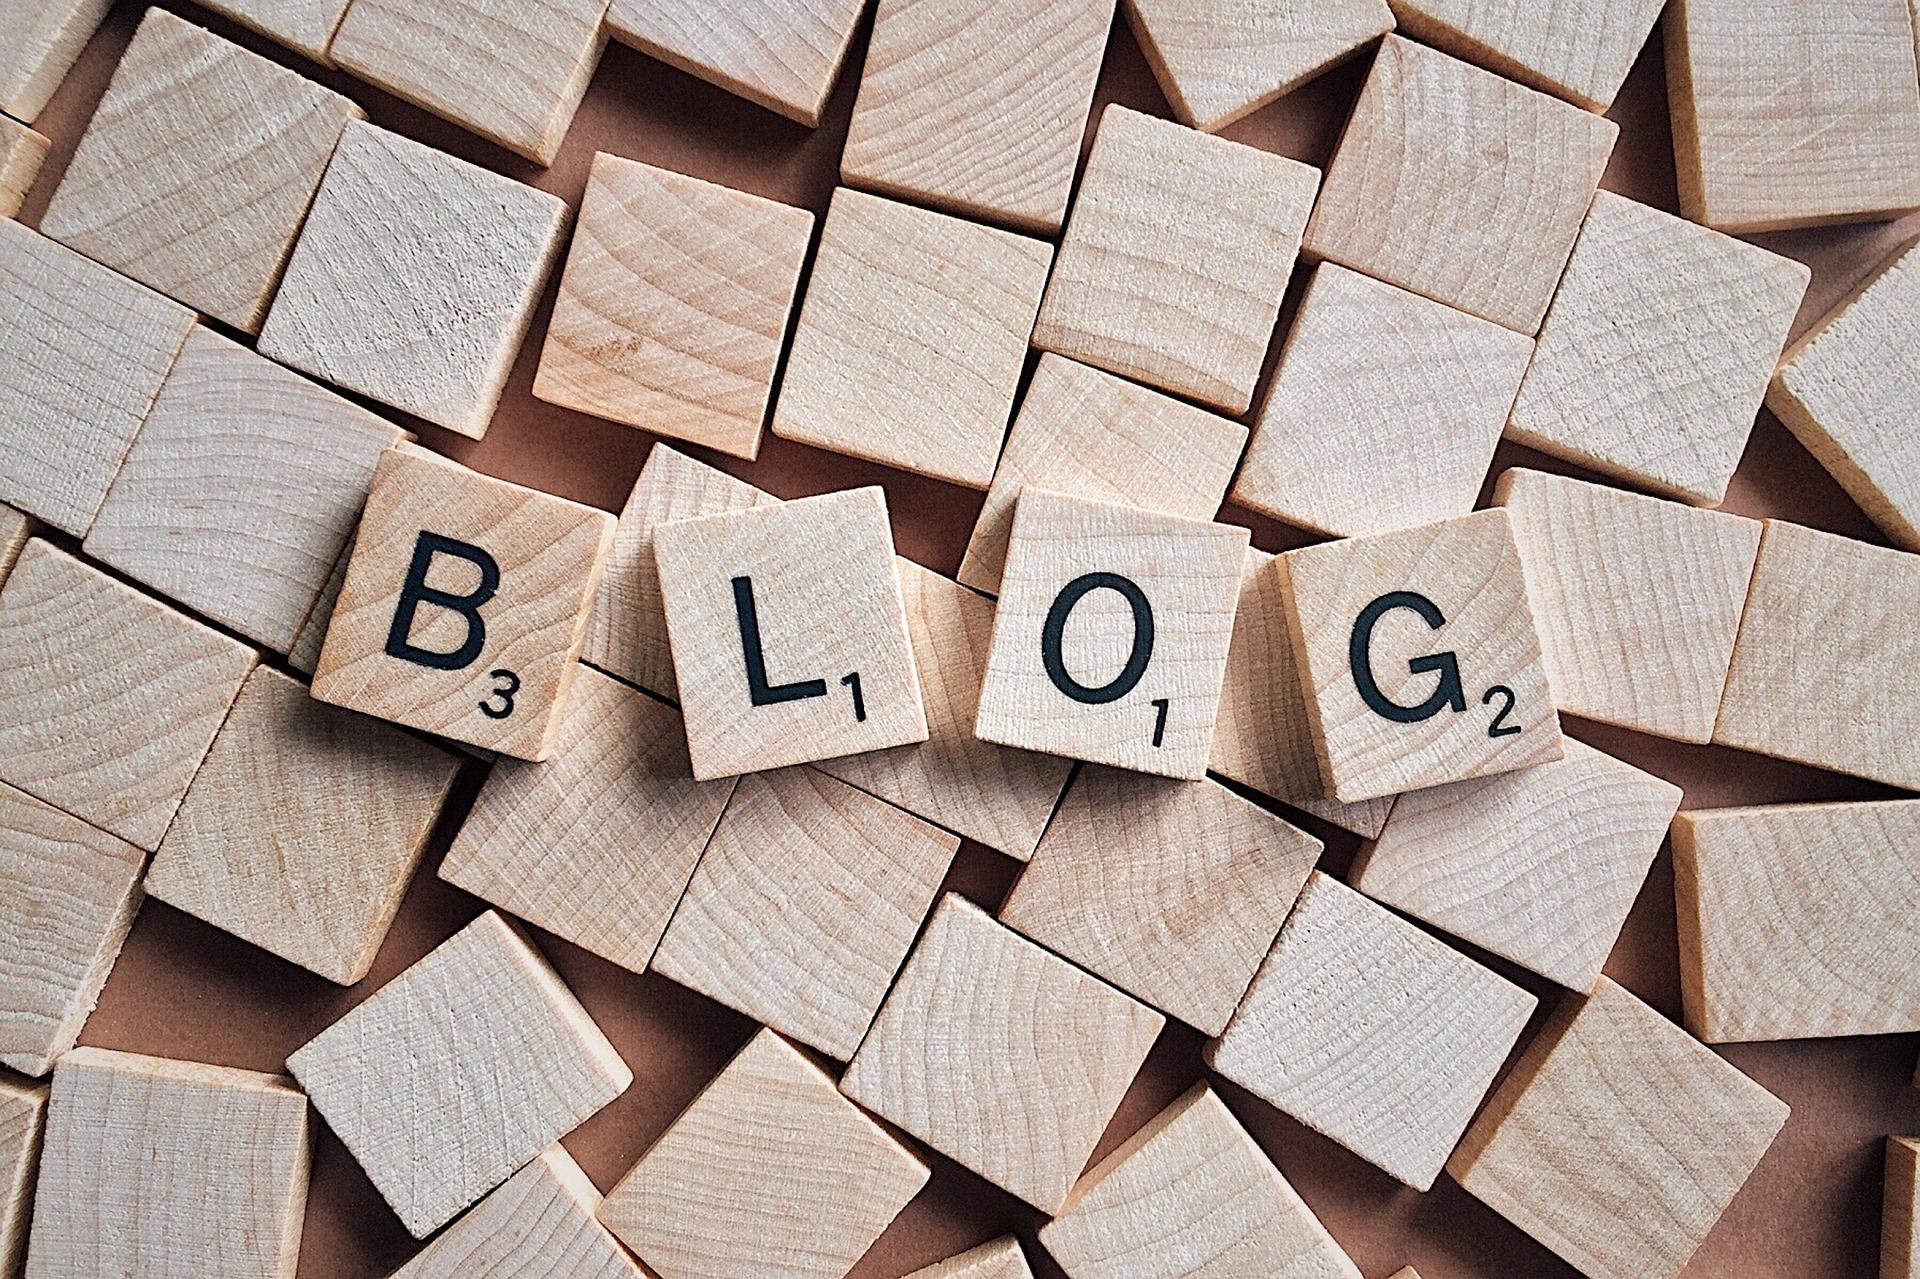 Älkää pelätkö, blogi ei tule loppumaan